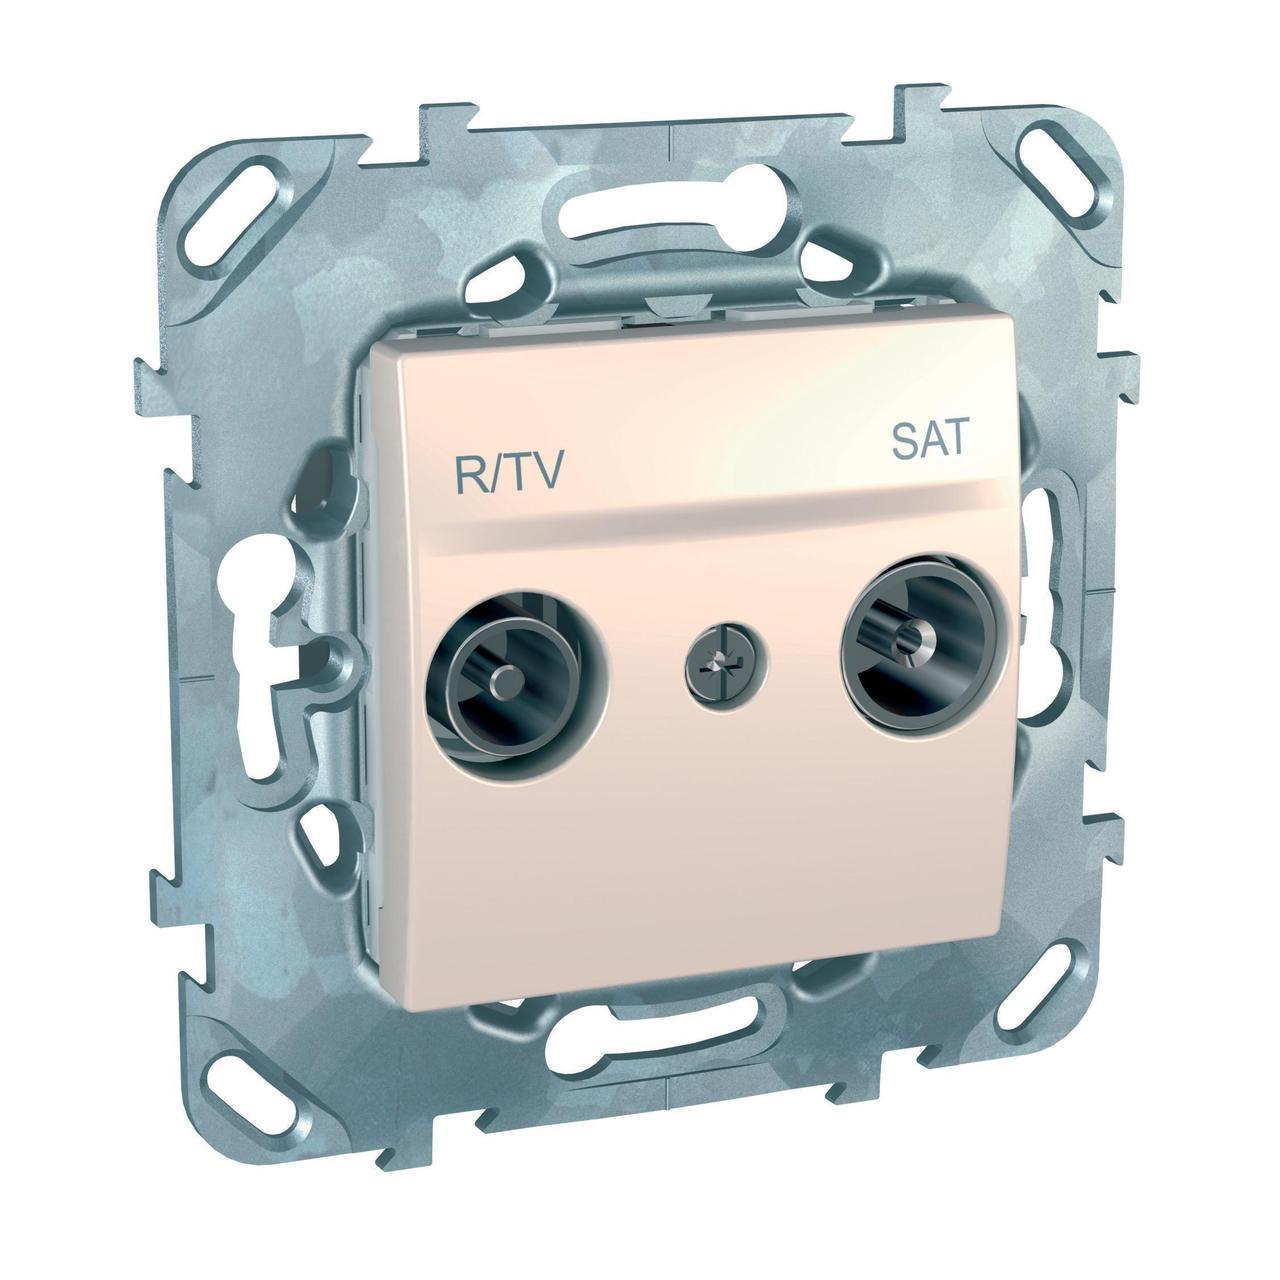 Розетка телевизионная оконечная ТV-FМ-SАТ , Бежевый, серия Unica, Schneider Electric